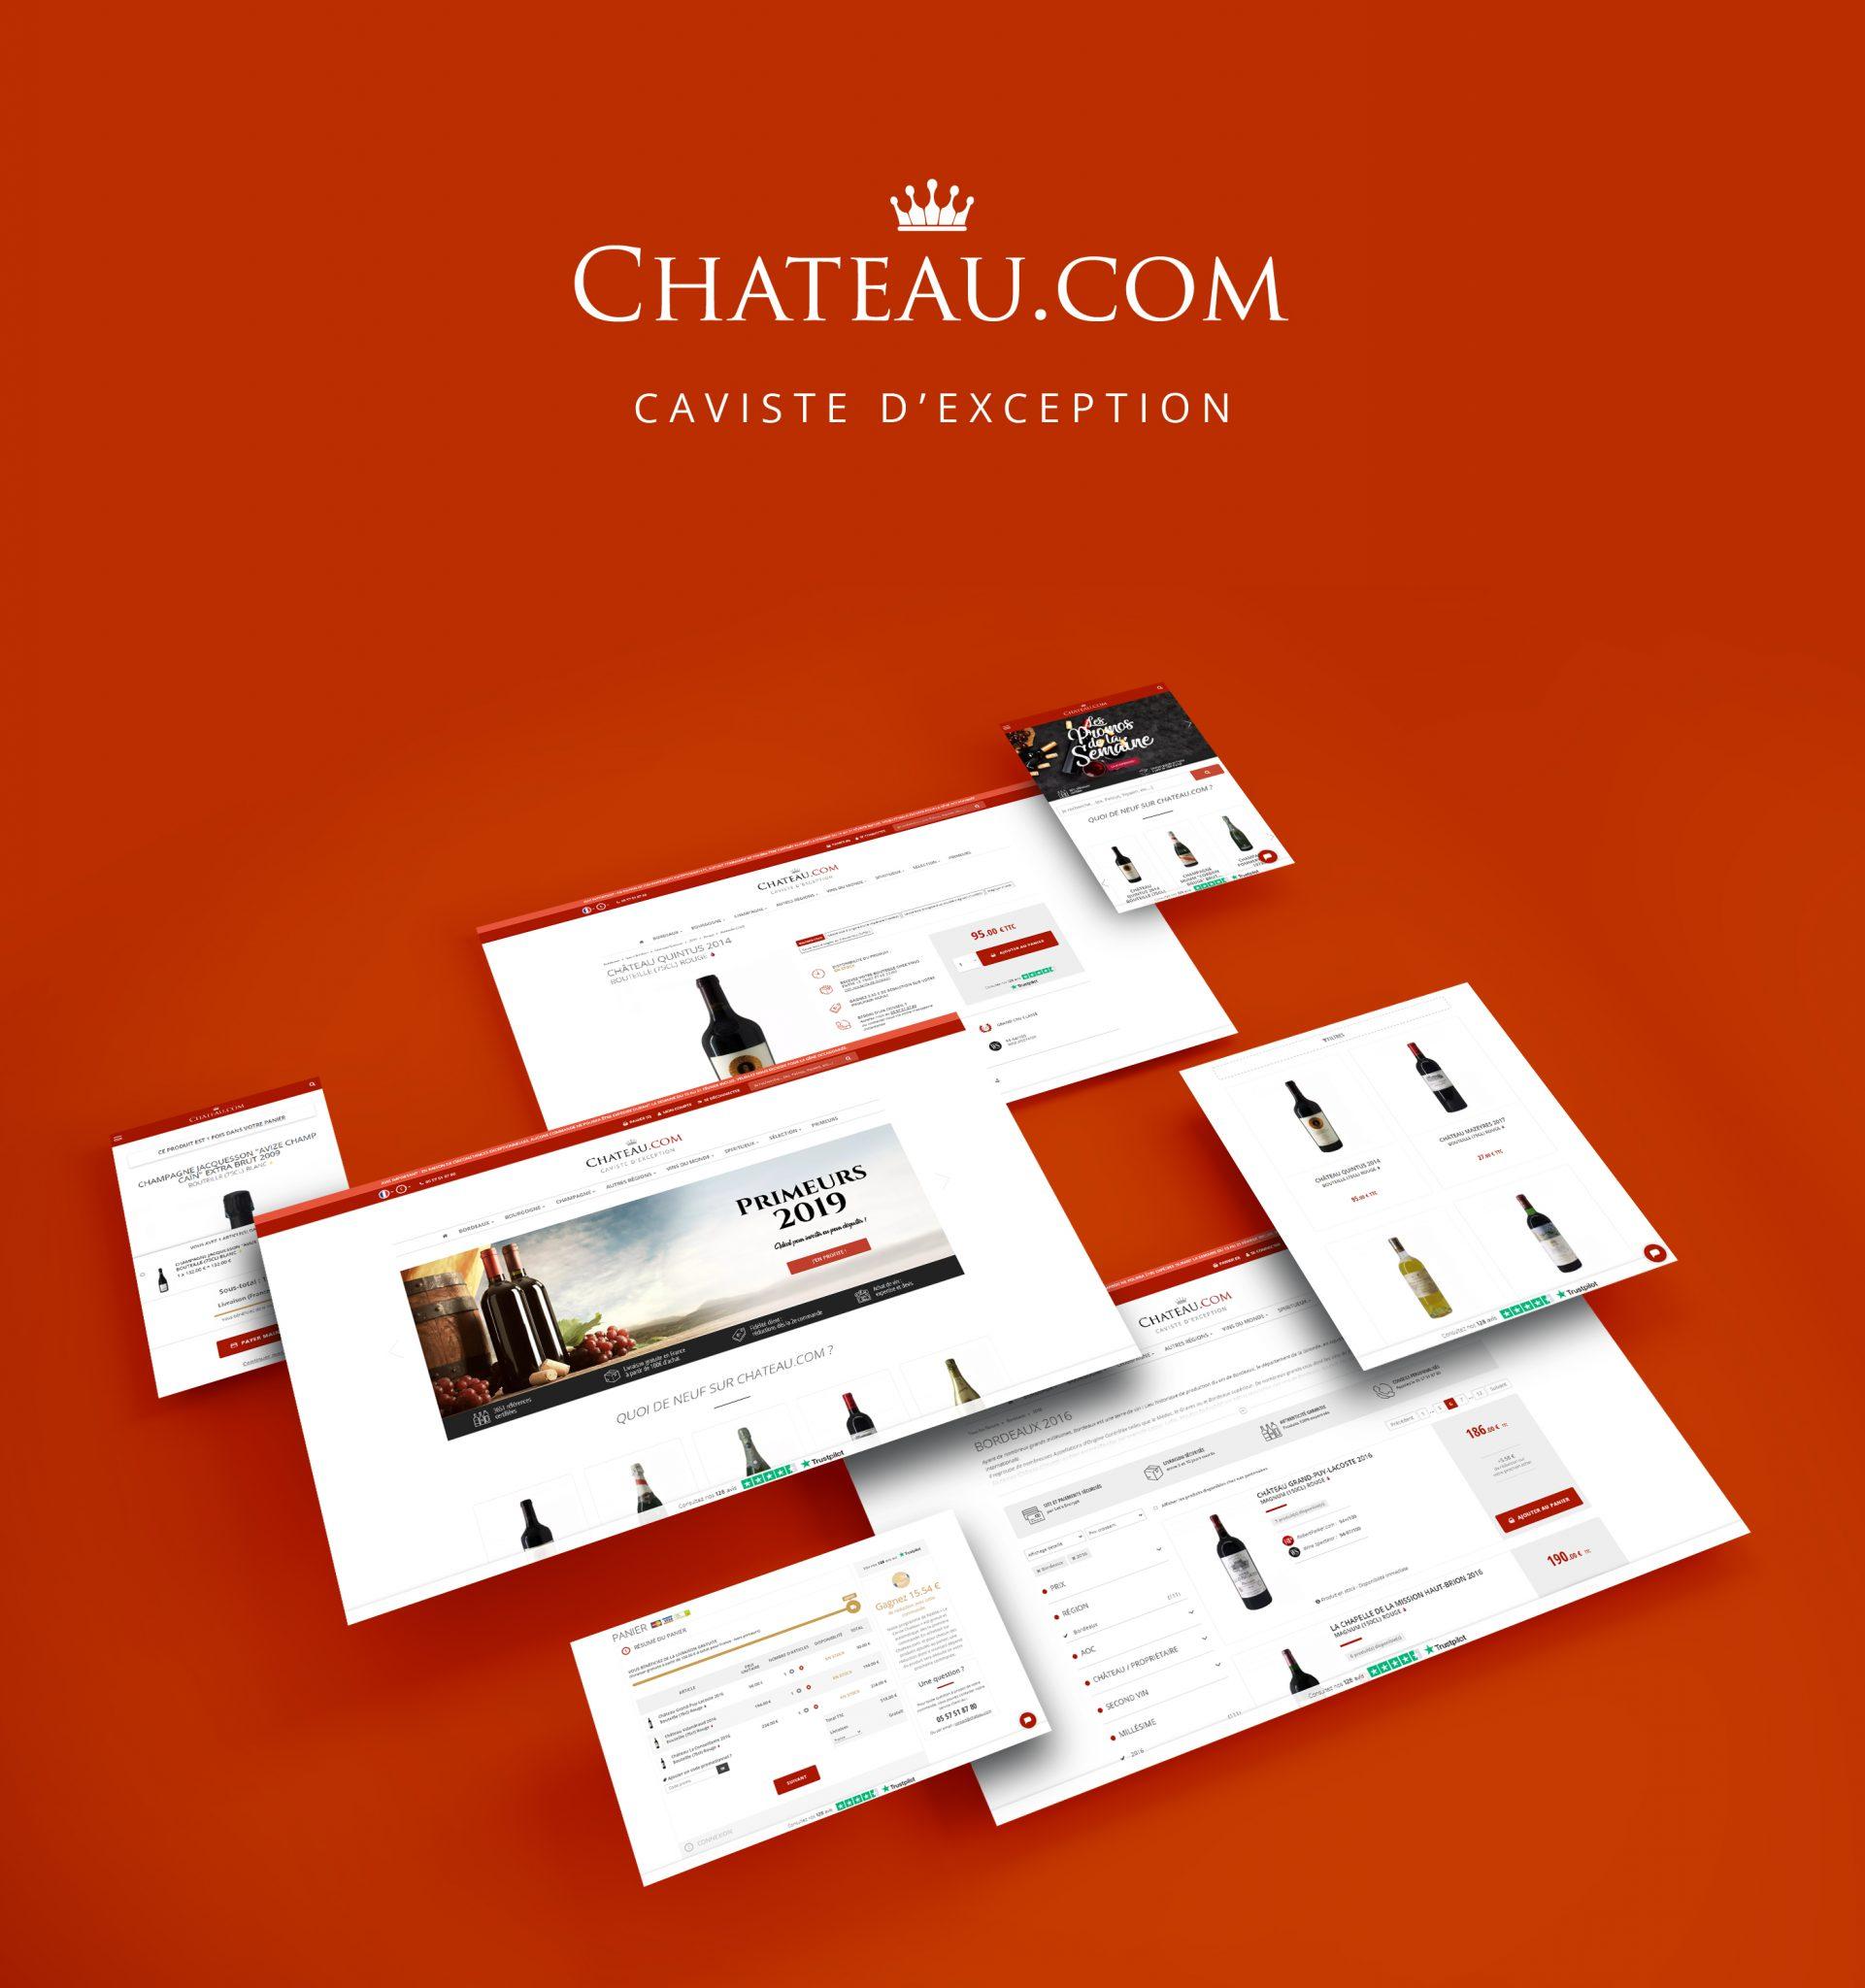 Webdesign de Chateau.com, site de vente de vin en ligne